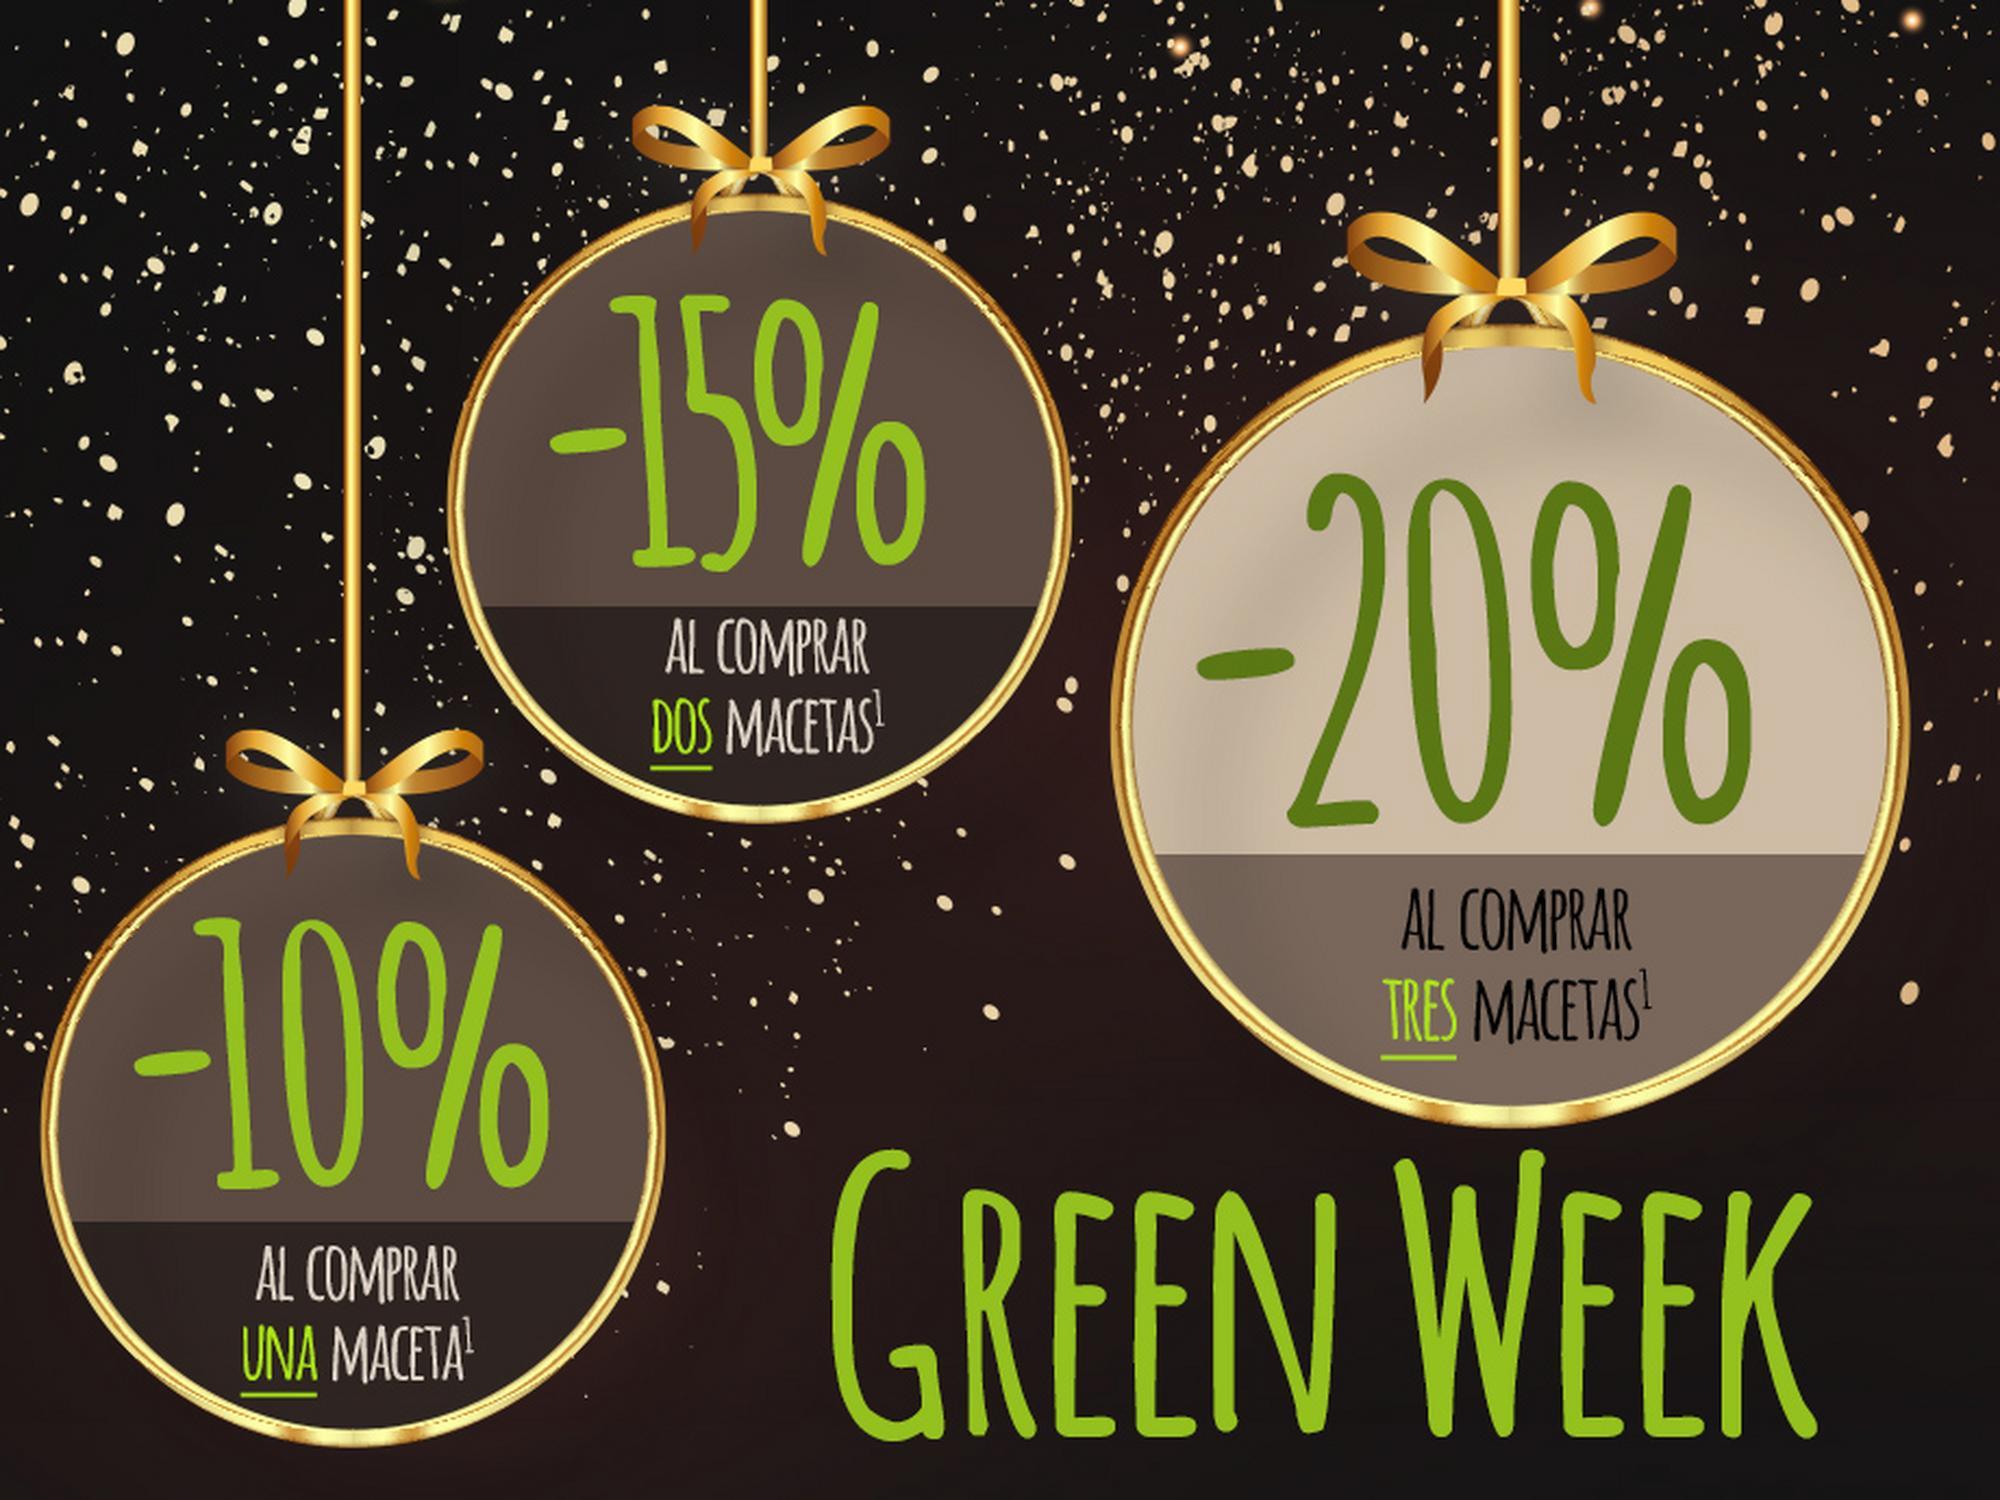 Green Week: Ahorra por compra desde el 23 al 30.11.2020